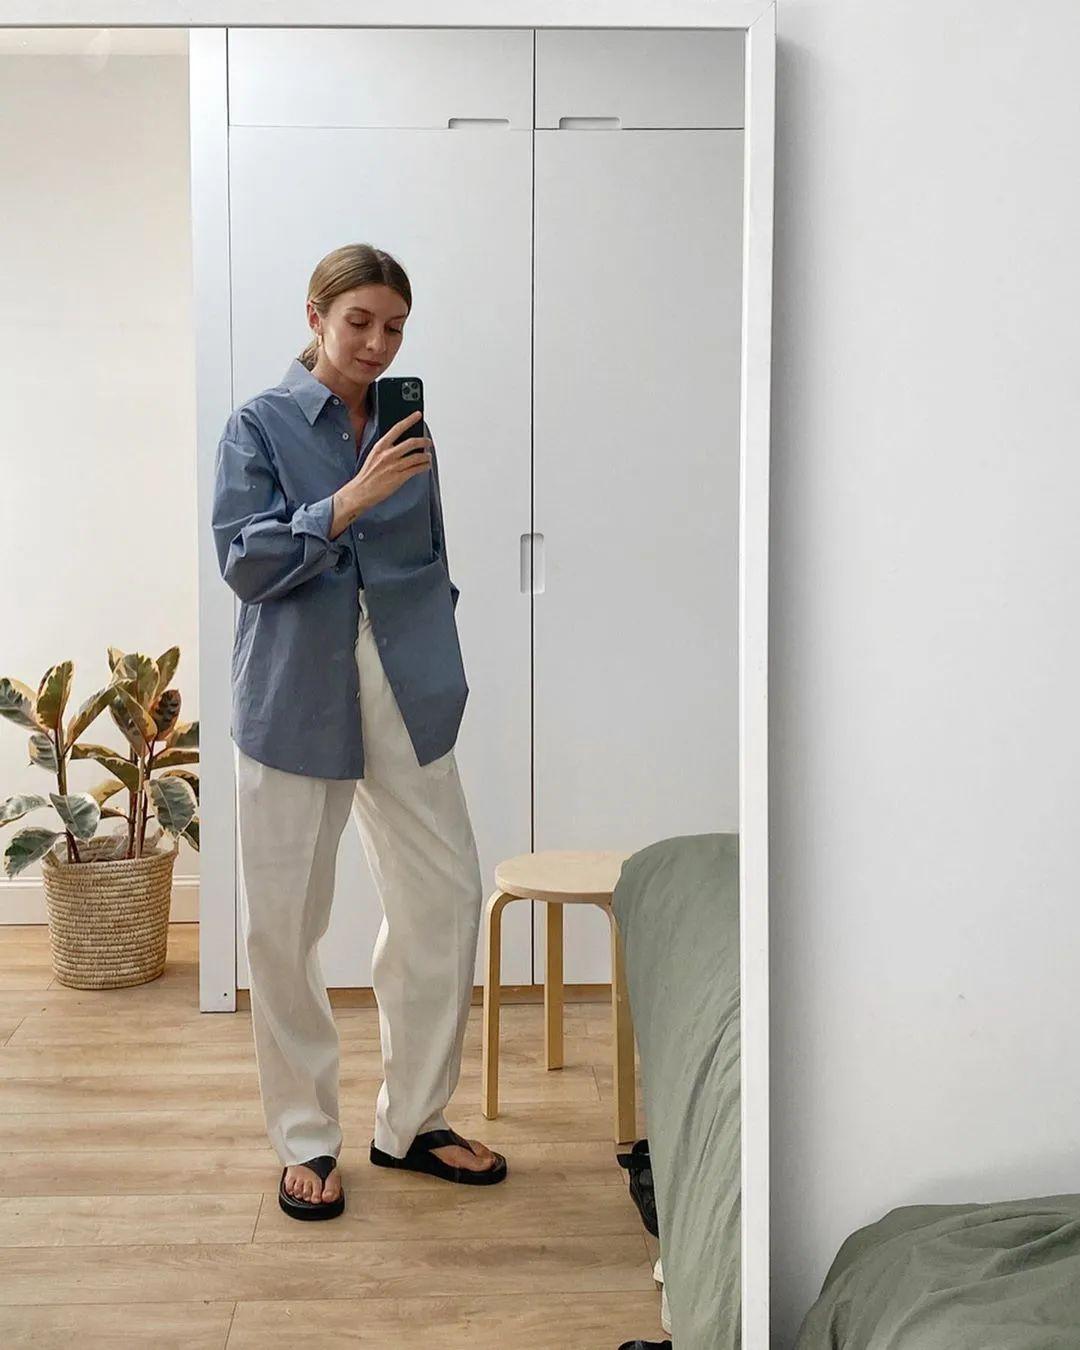 懒人有福了,现在流行怎么舒服怎么穿